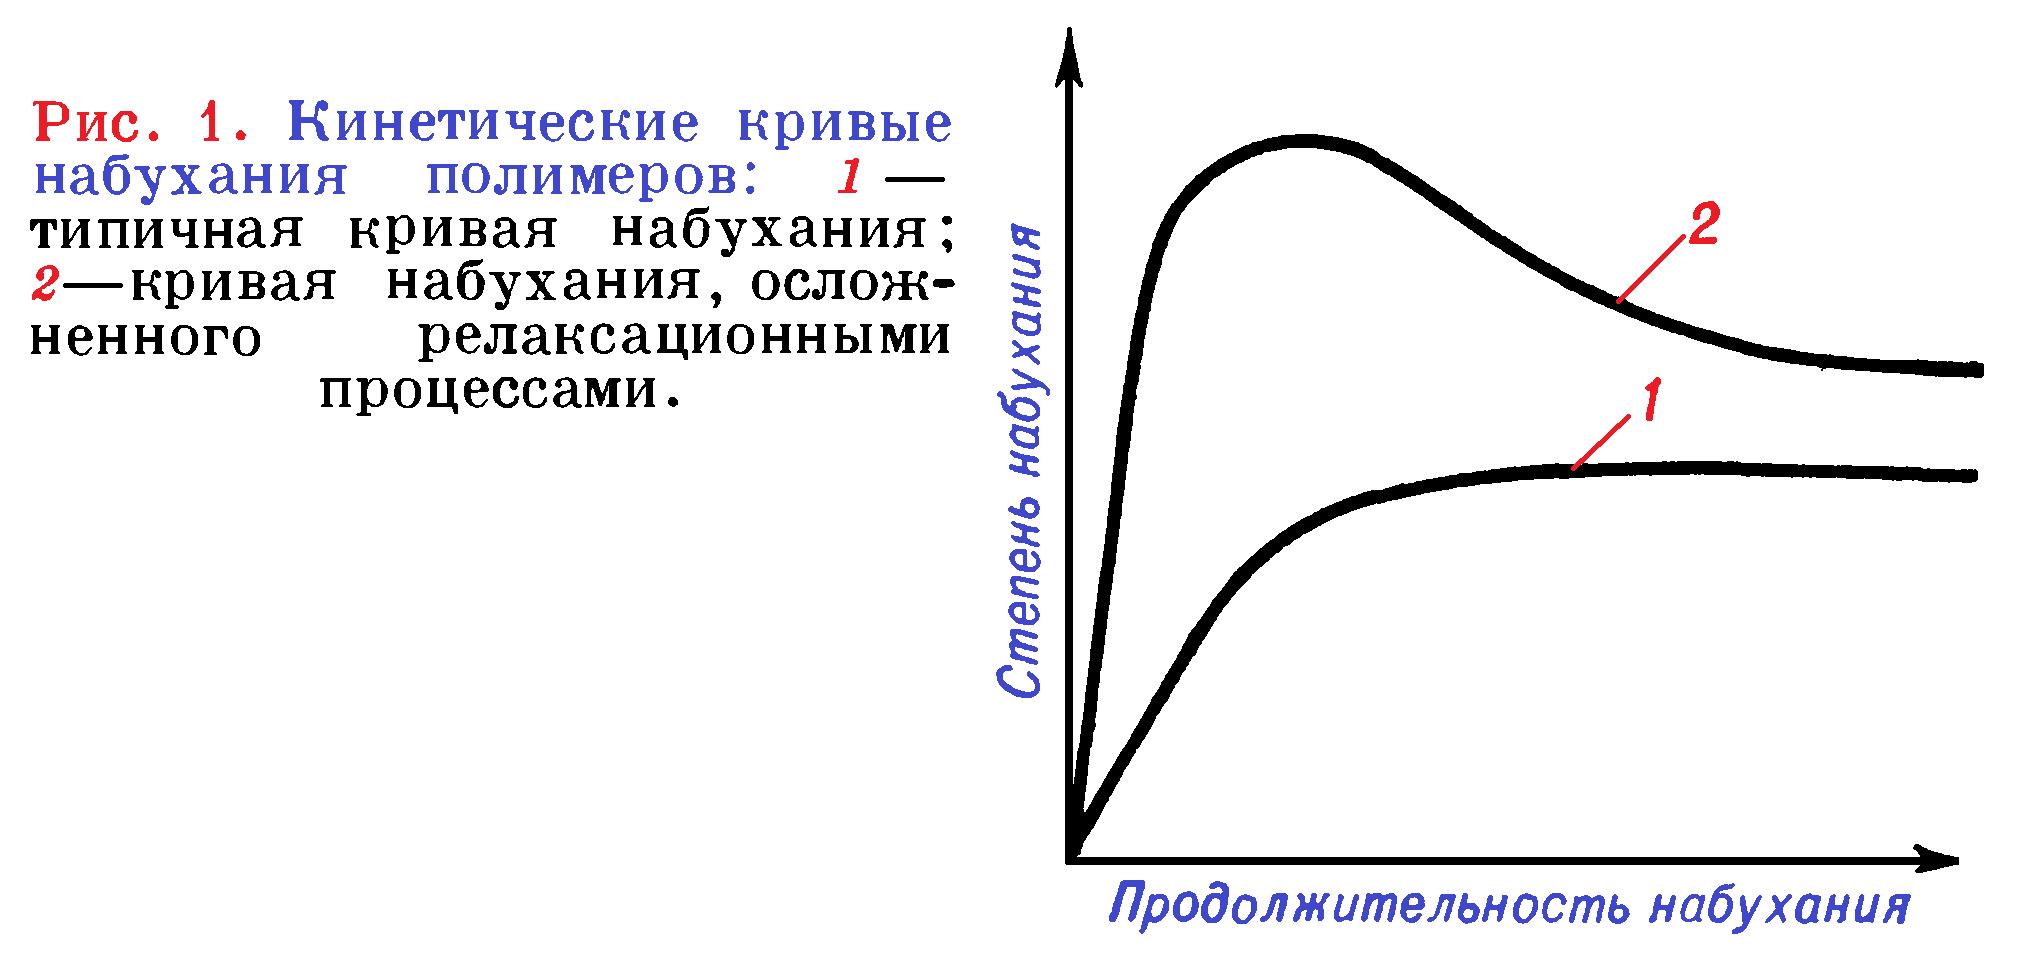 кинетические кривые набухания полимеров